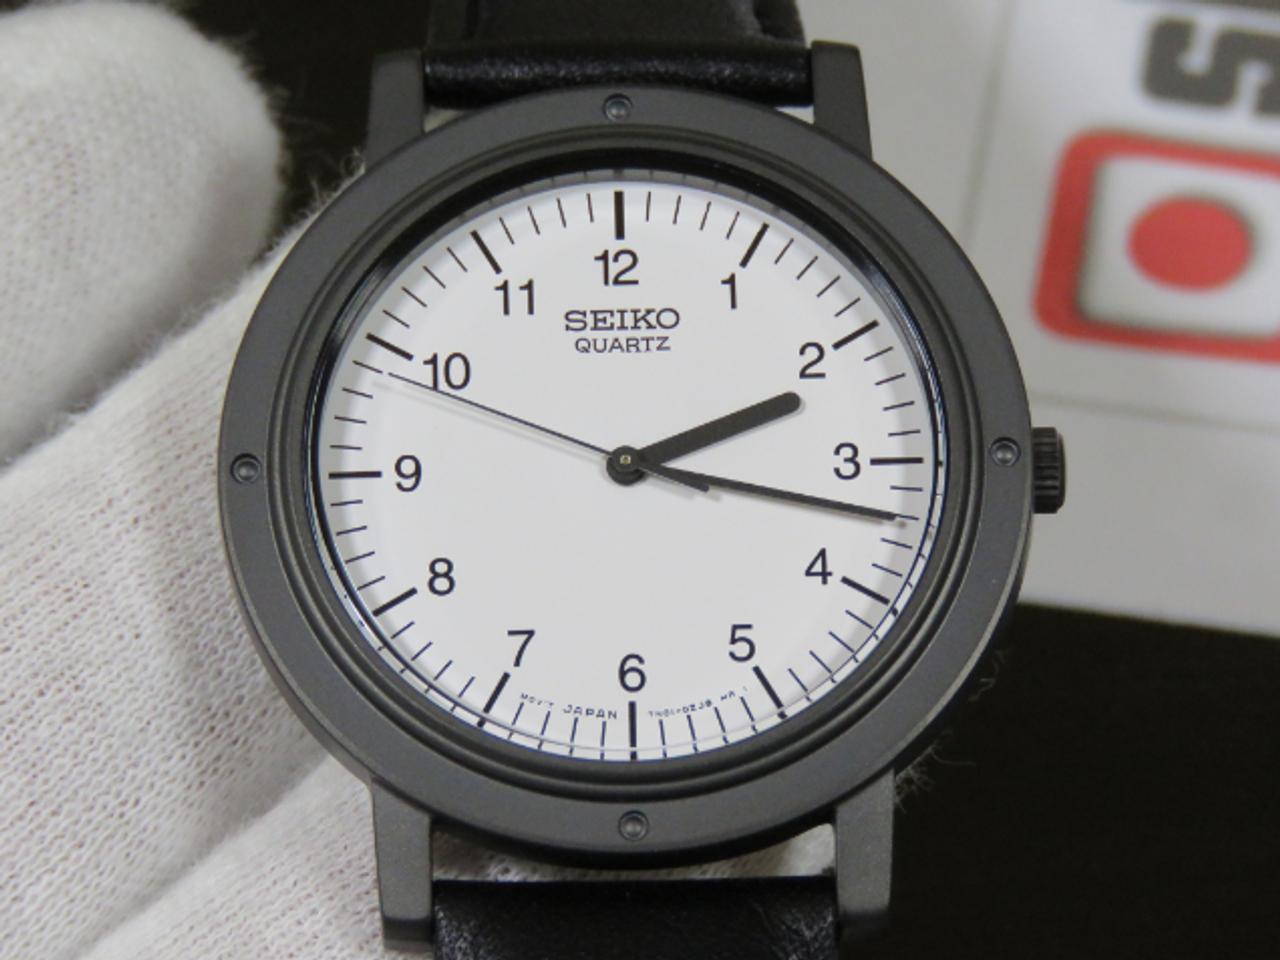 Seiko 6431-6030